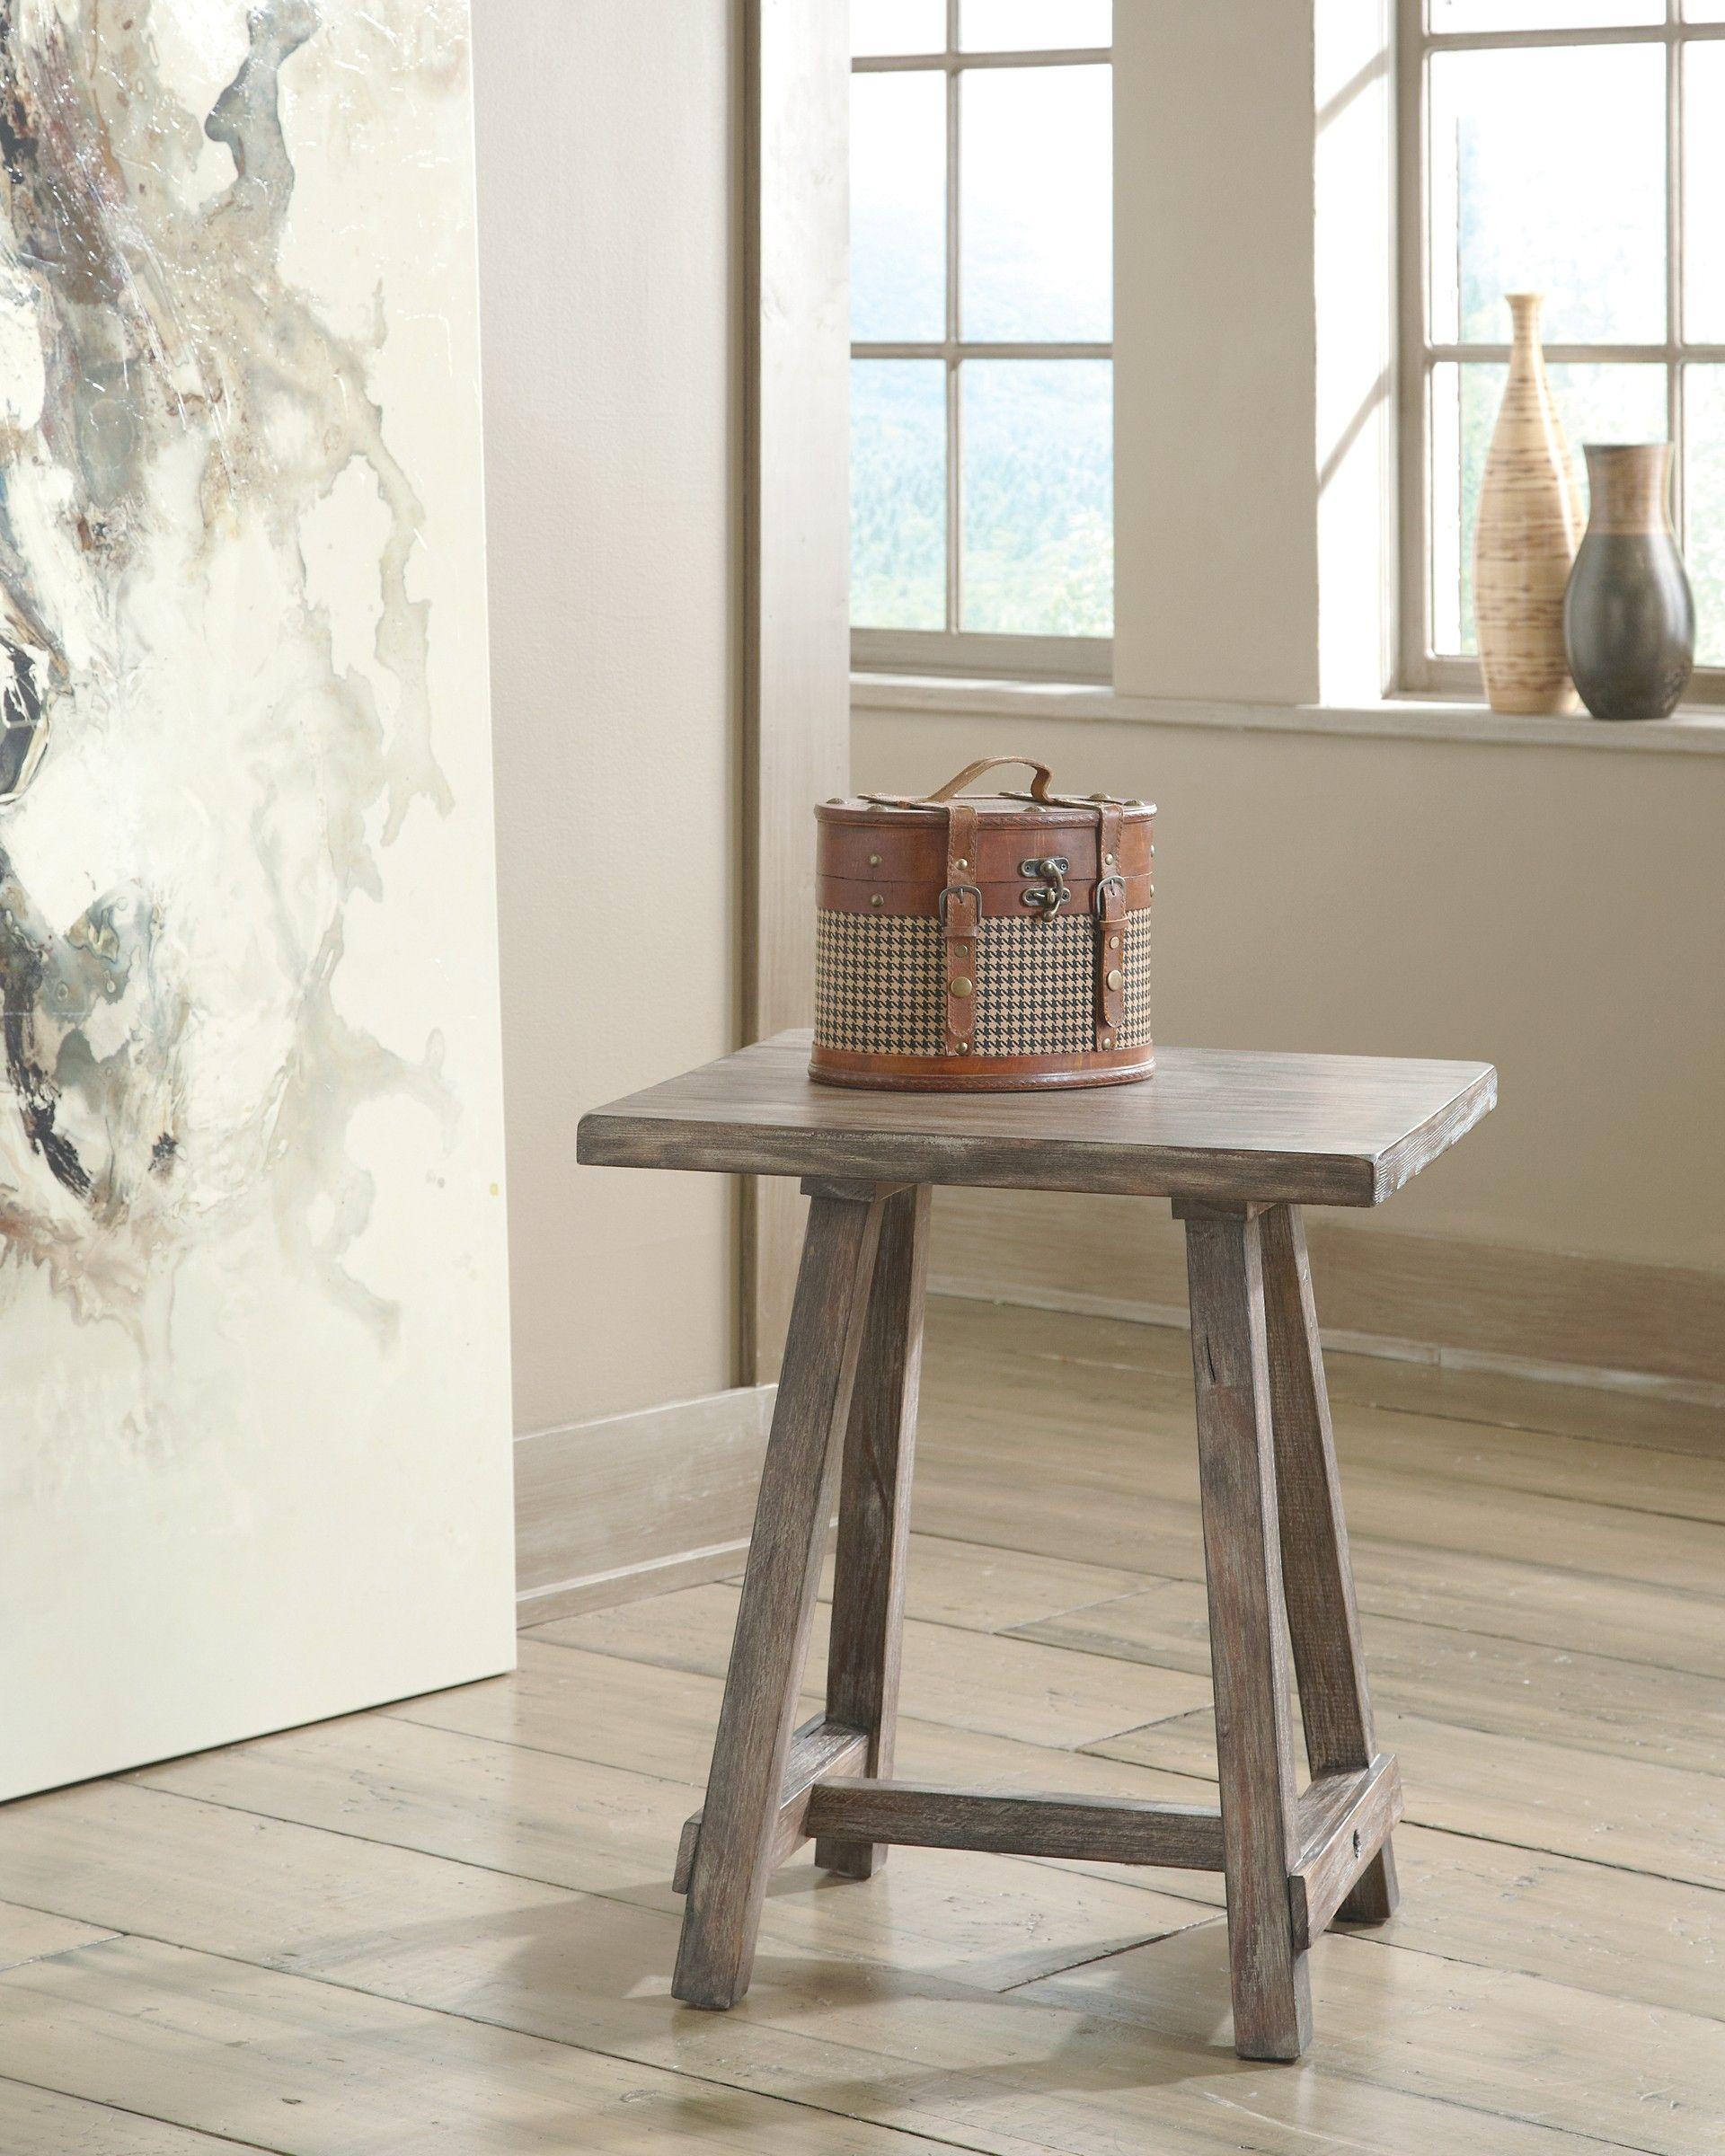 Ashley Vennilux T500 502 Signature Design Chair Side End Table End Tables Chair Side Table Ashley Furniture [ 2400 x 1920 Pixel ]